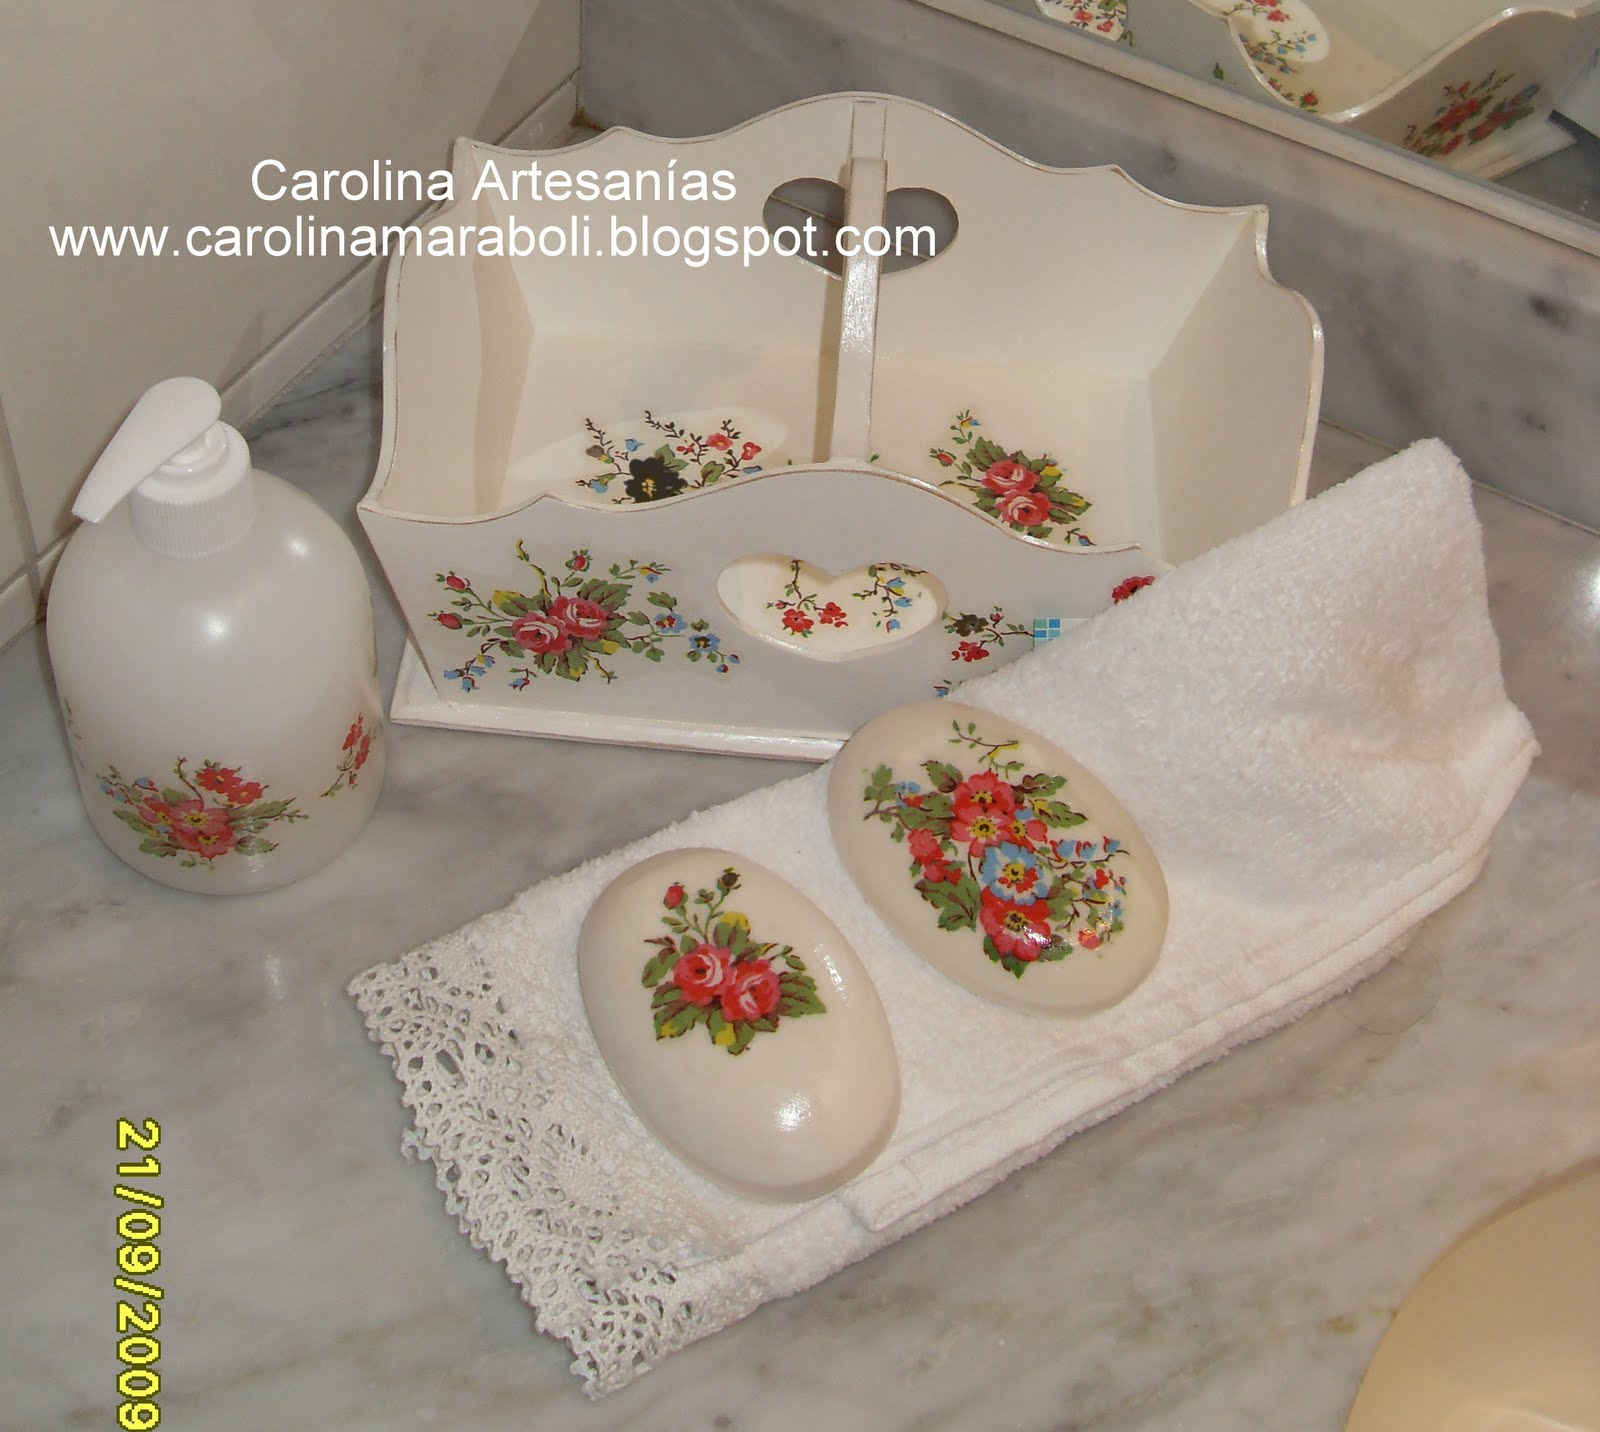 Vitrina de Carolina Artesanías (La Tienda): 10.- Set de Baño, flores